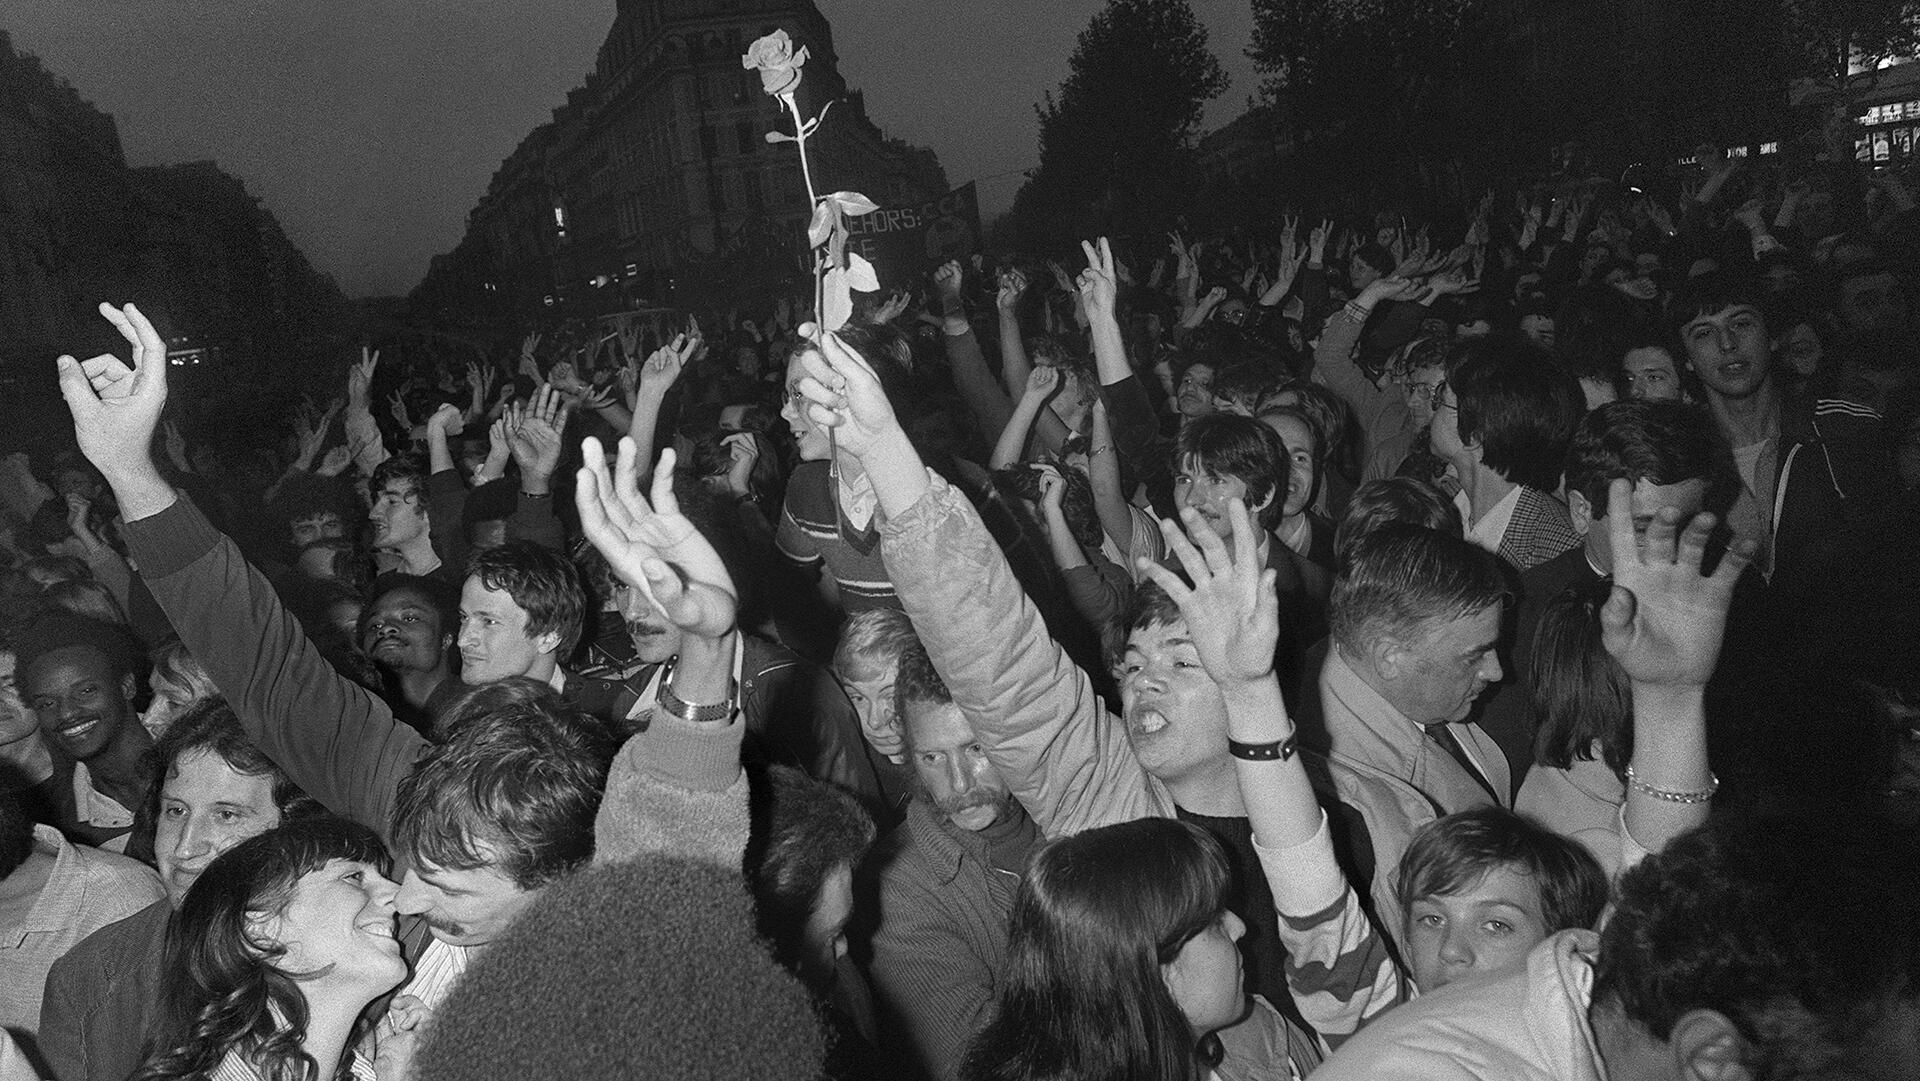 France - Victoire François Mitterrand 1981_000_ARP1698605 - La marche du monde